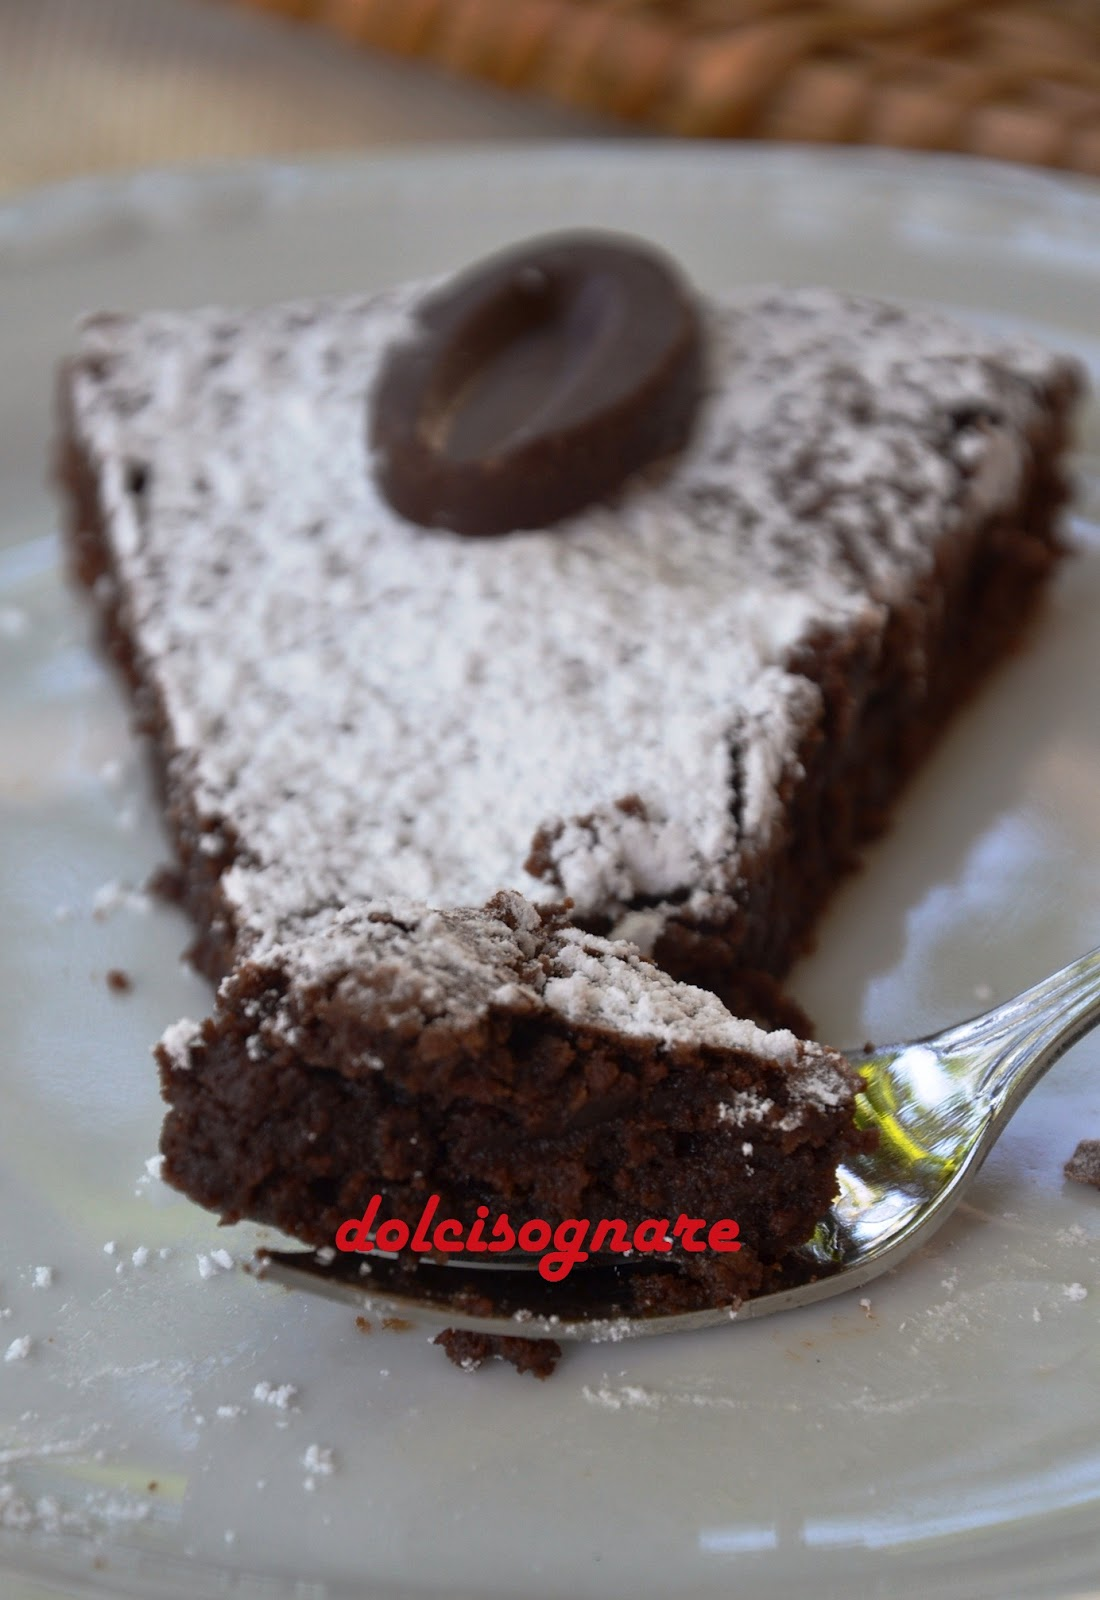 DOLCISOGNARE : Torta al cioccolato bassa, o \